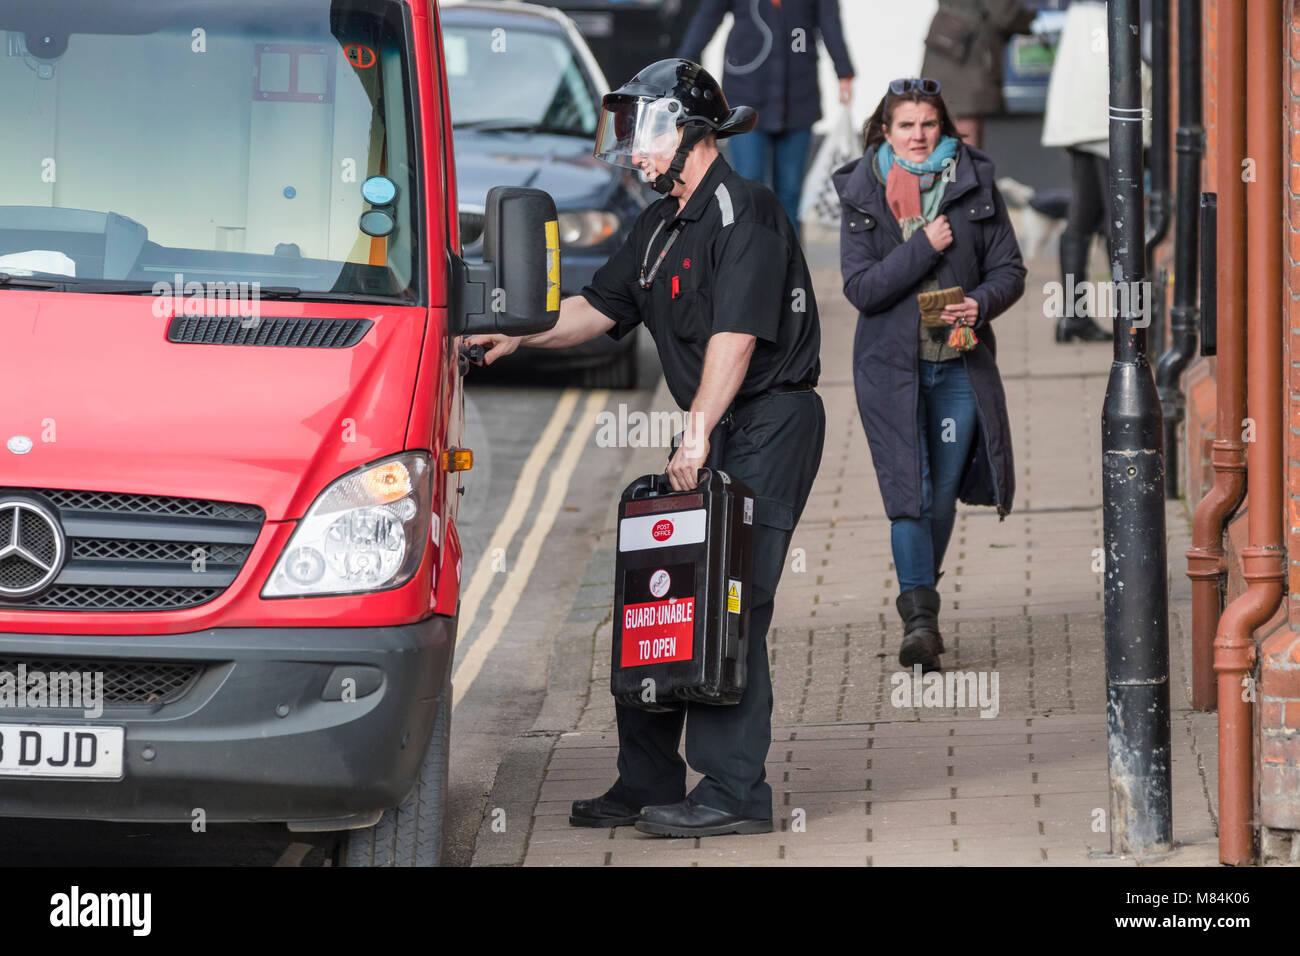 Bureau de poste agent de sécurité de sexe masculin en vêtements de protection sécurisée Secure Transport cas à un van tout en offrant de l'argent à un bureau de poste en Angleterre, Royaume-Uni. Banque D'Images